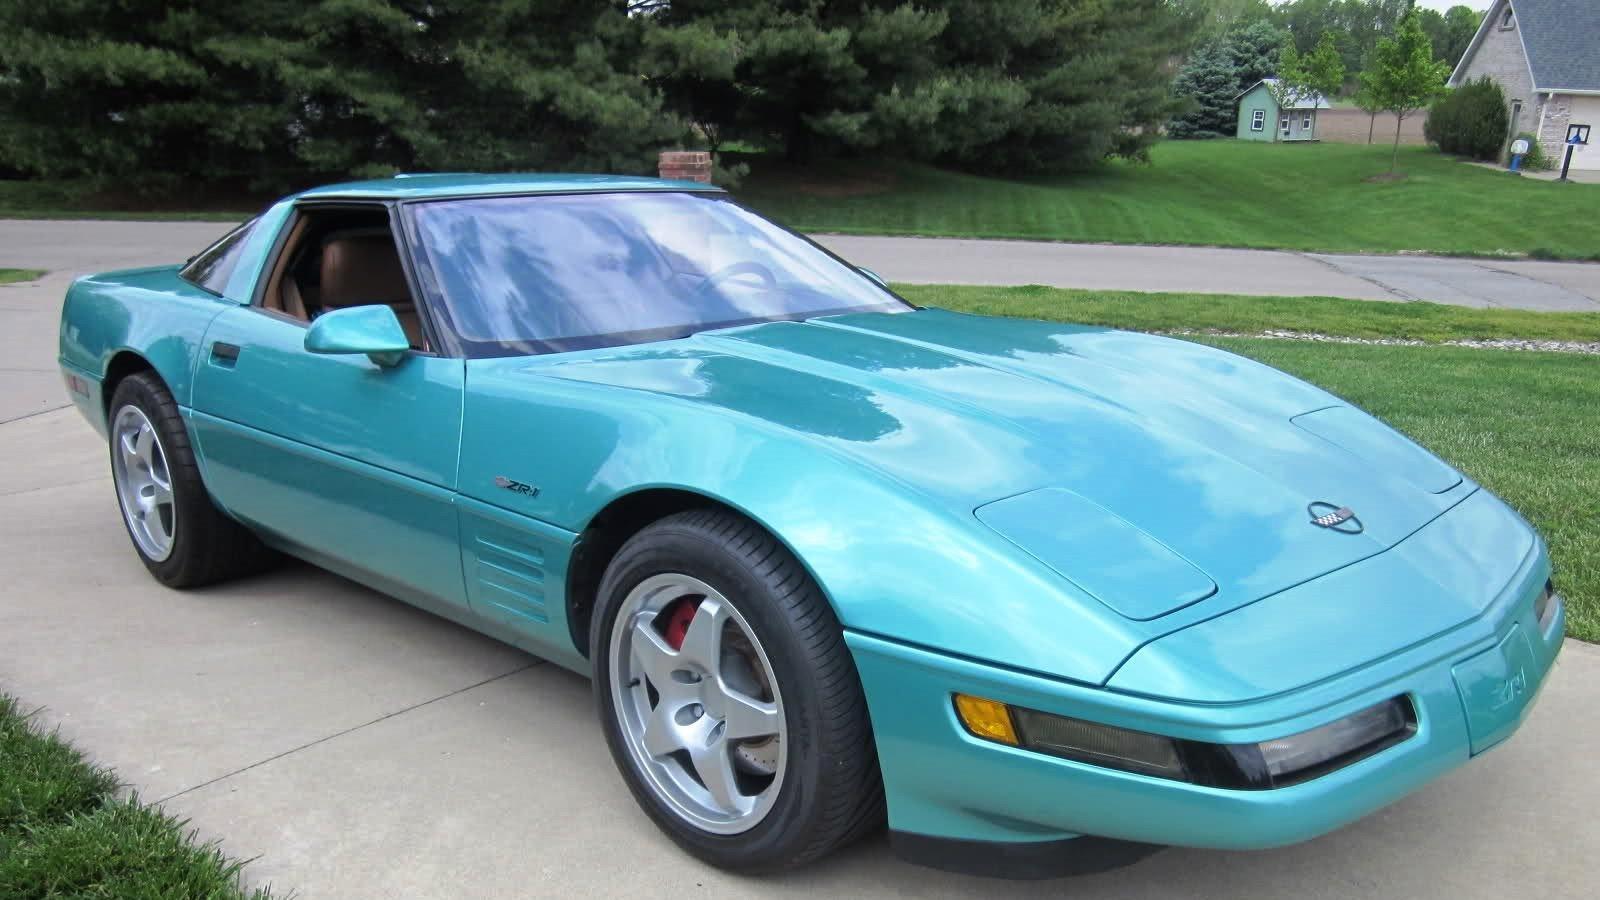 1990-91 Corvette in Turquoise